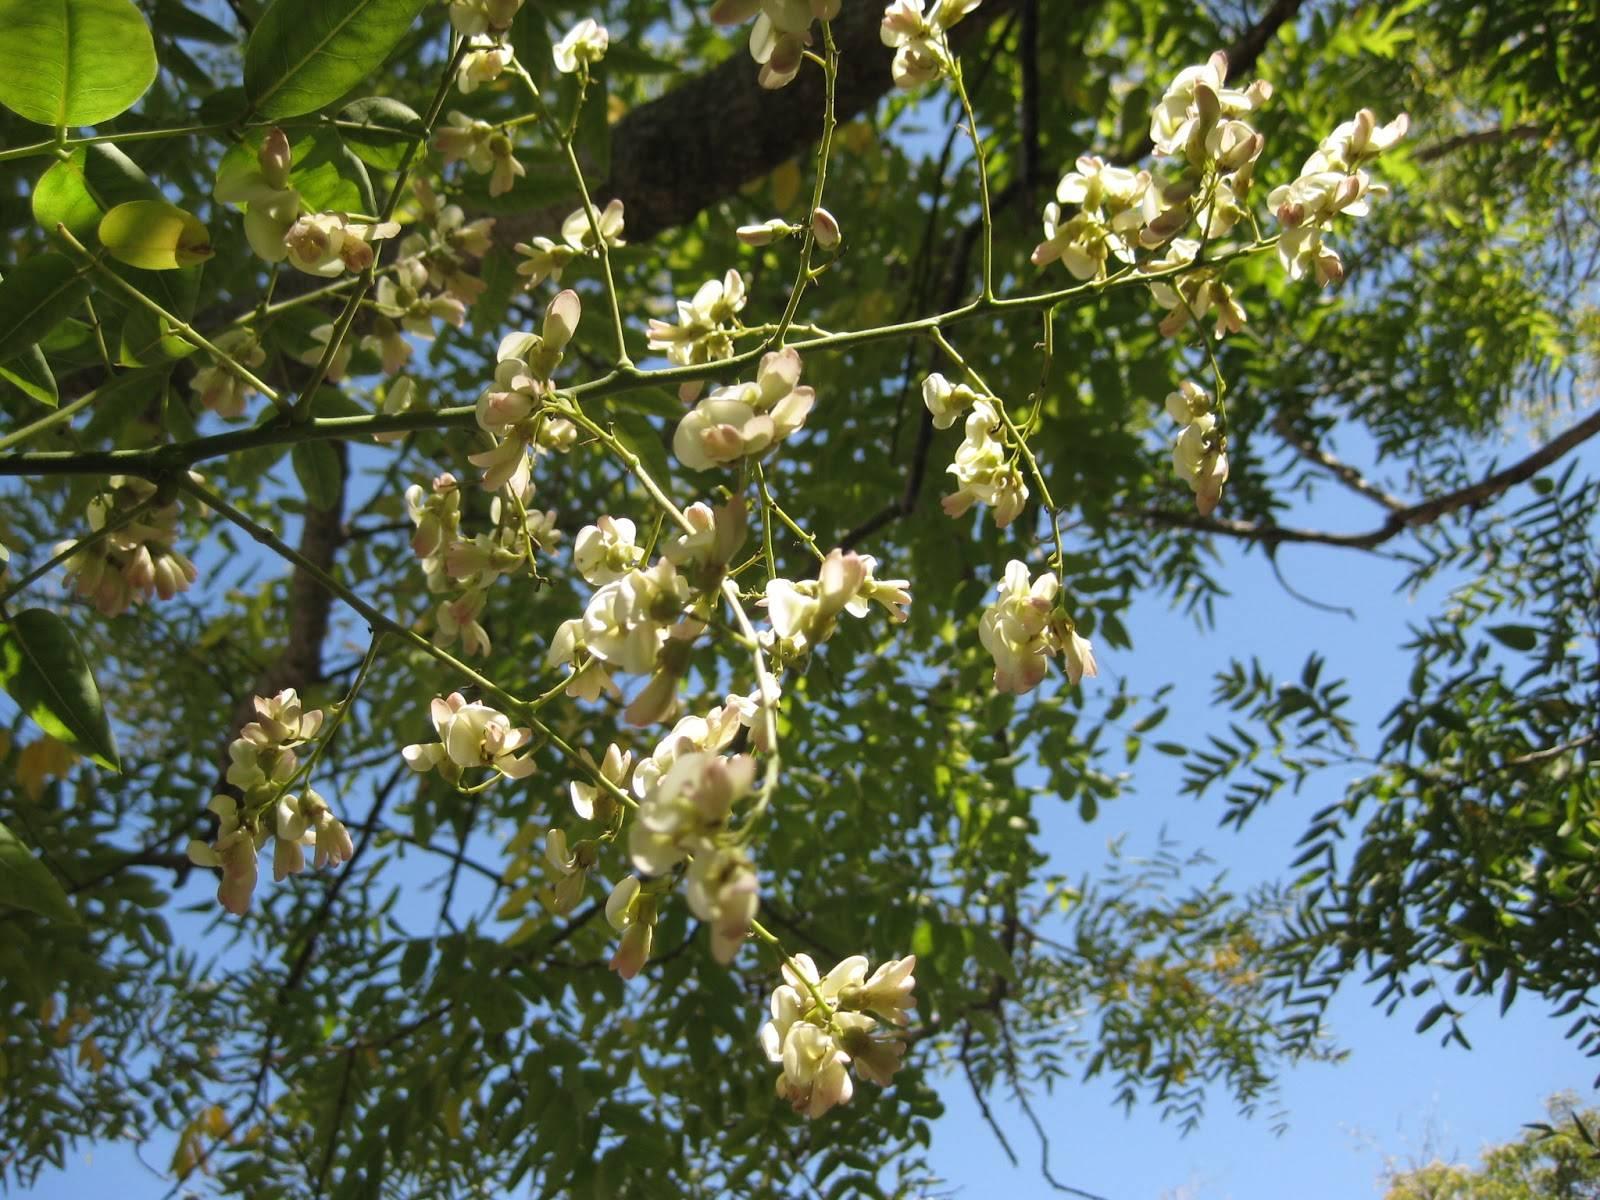 Софора японская: эффективность применения вытяжек изплодов ибутонов